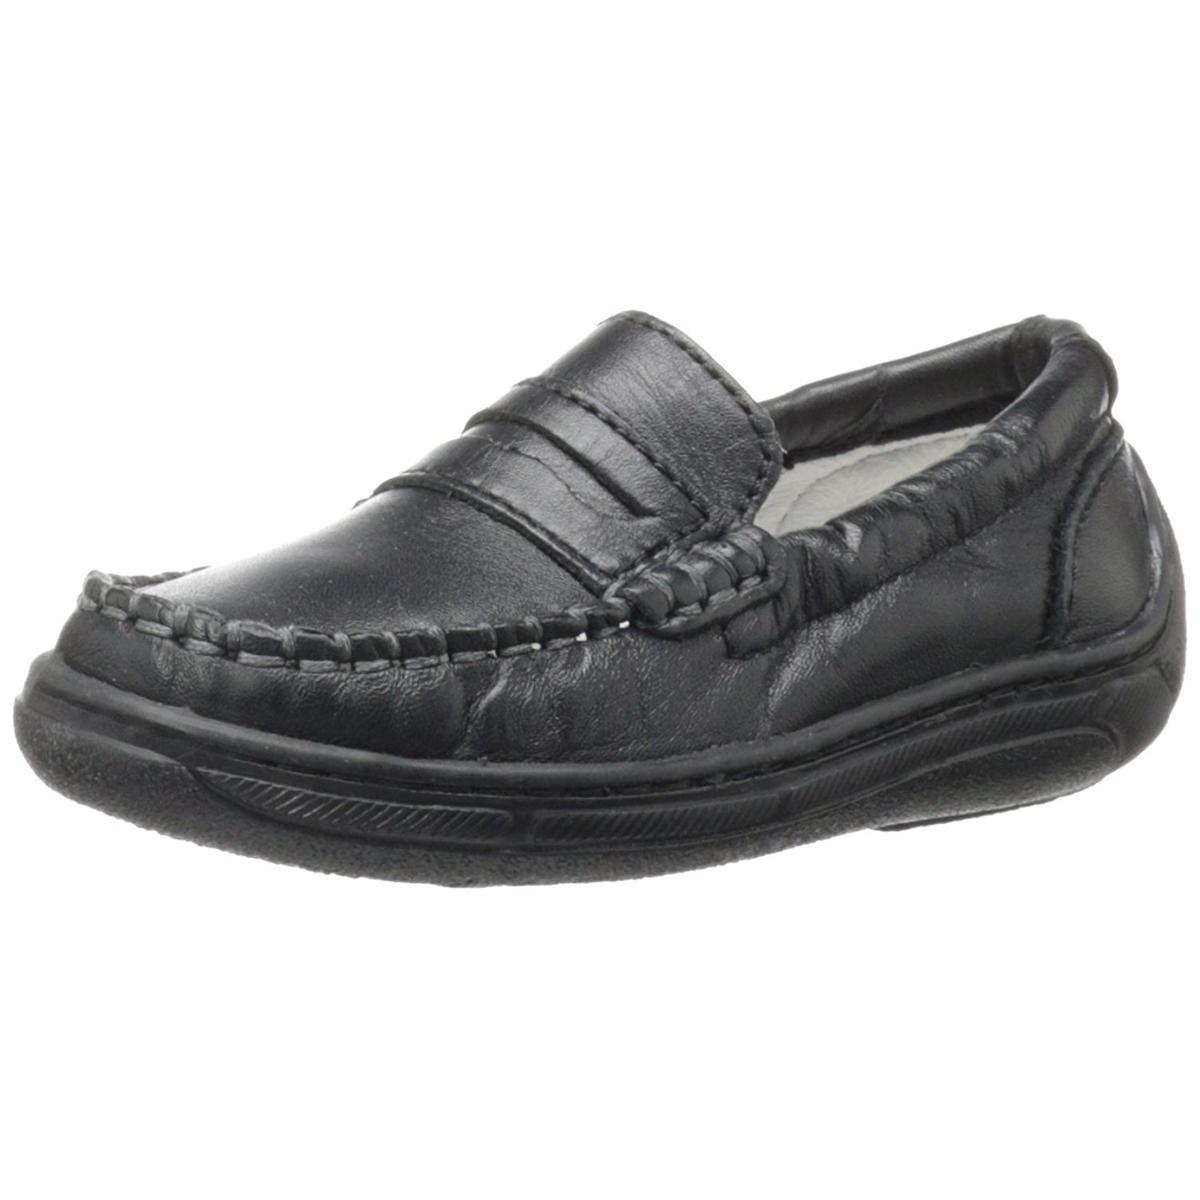 Primigi Toddler Choate-E Black Leather Slip-On Loafers by Primigi